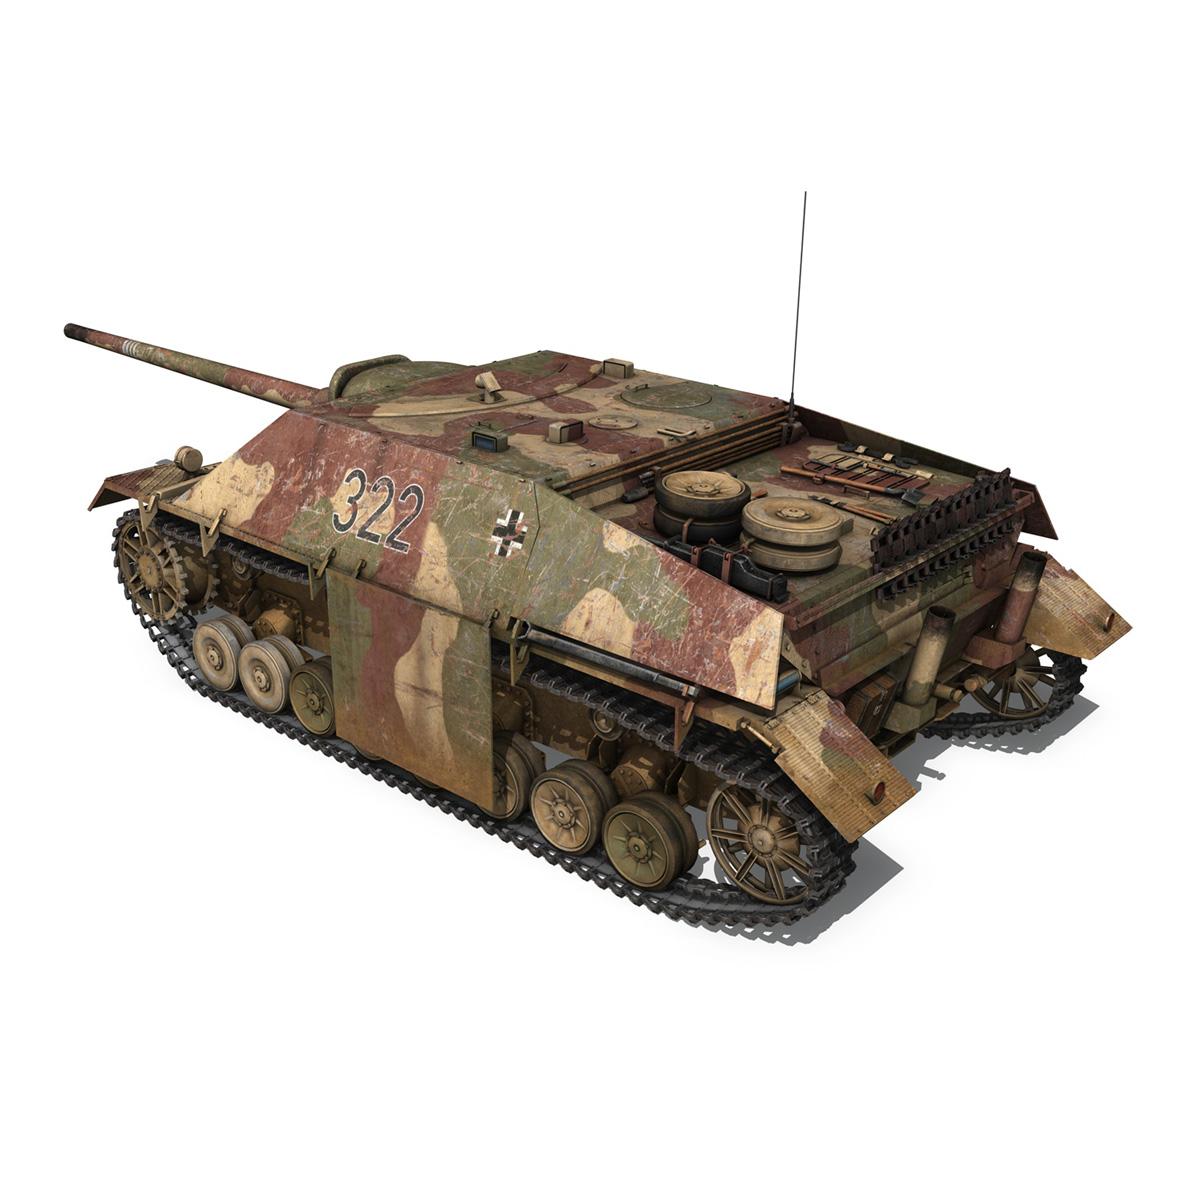 jagdpanzer iv l/70 (v) – 322 – late production 3d model 3ds fbx c4d lwo obj 280414